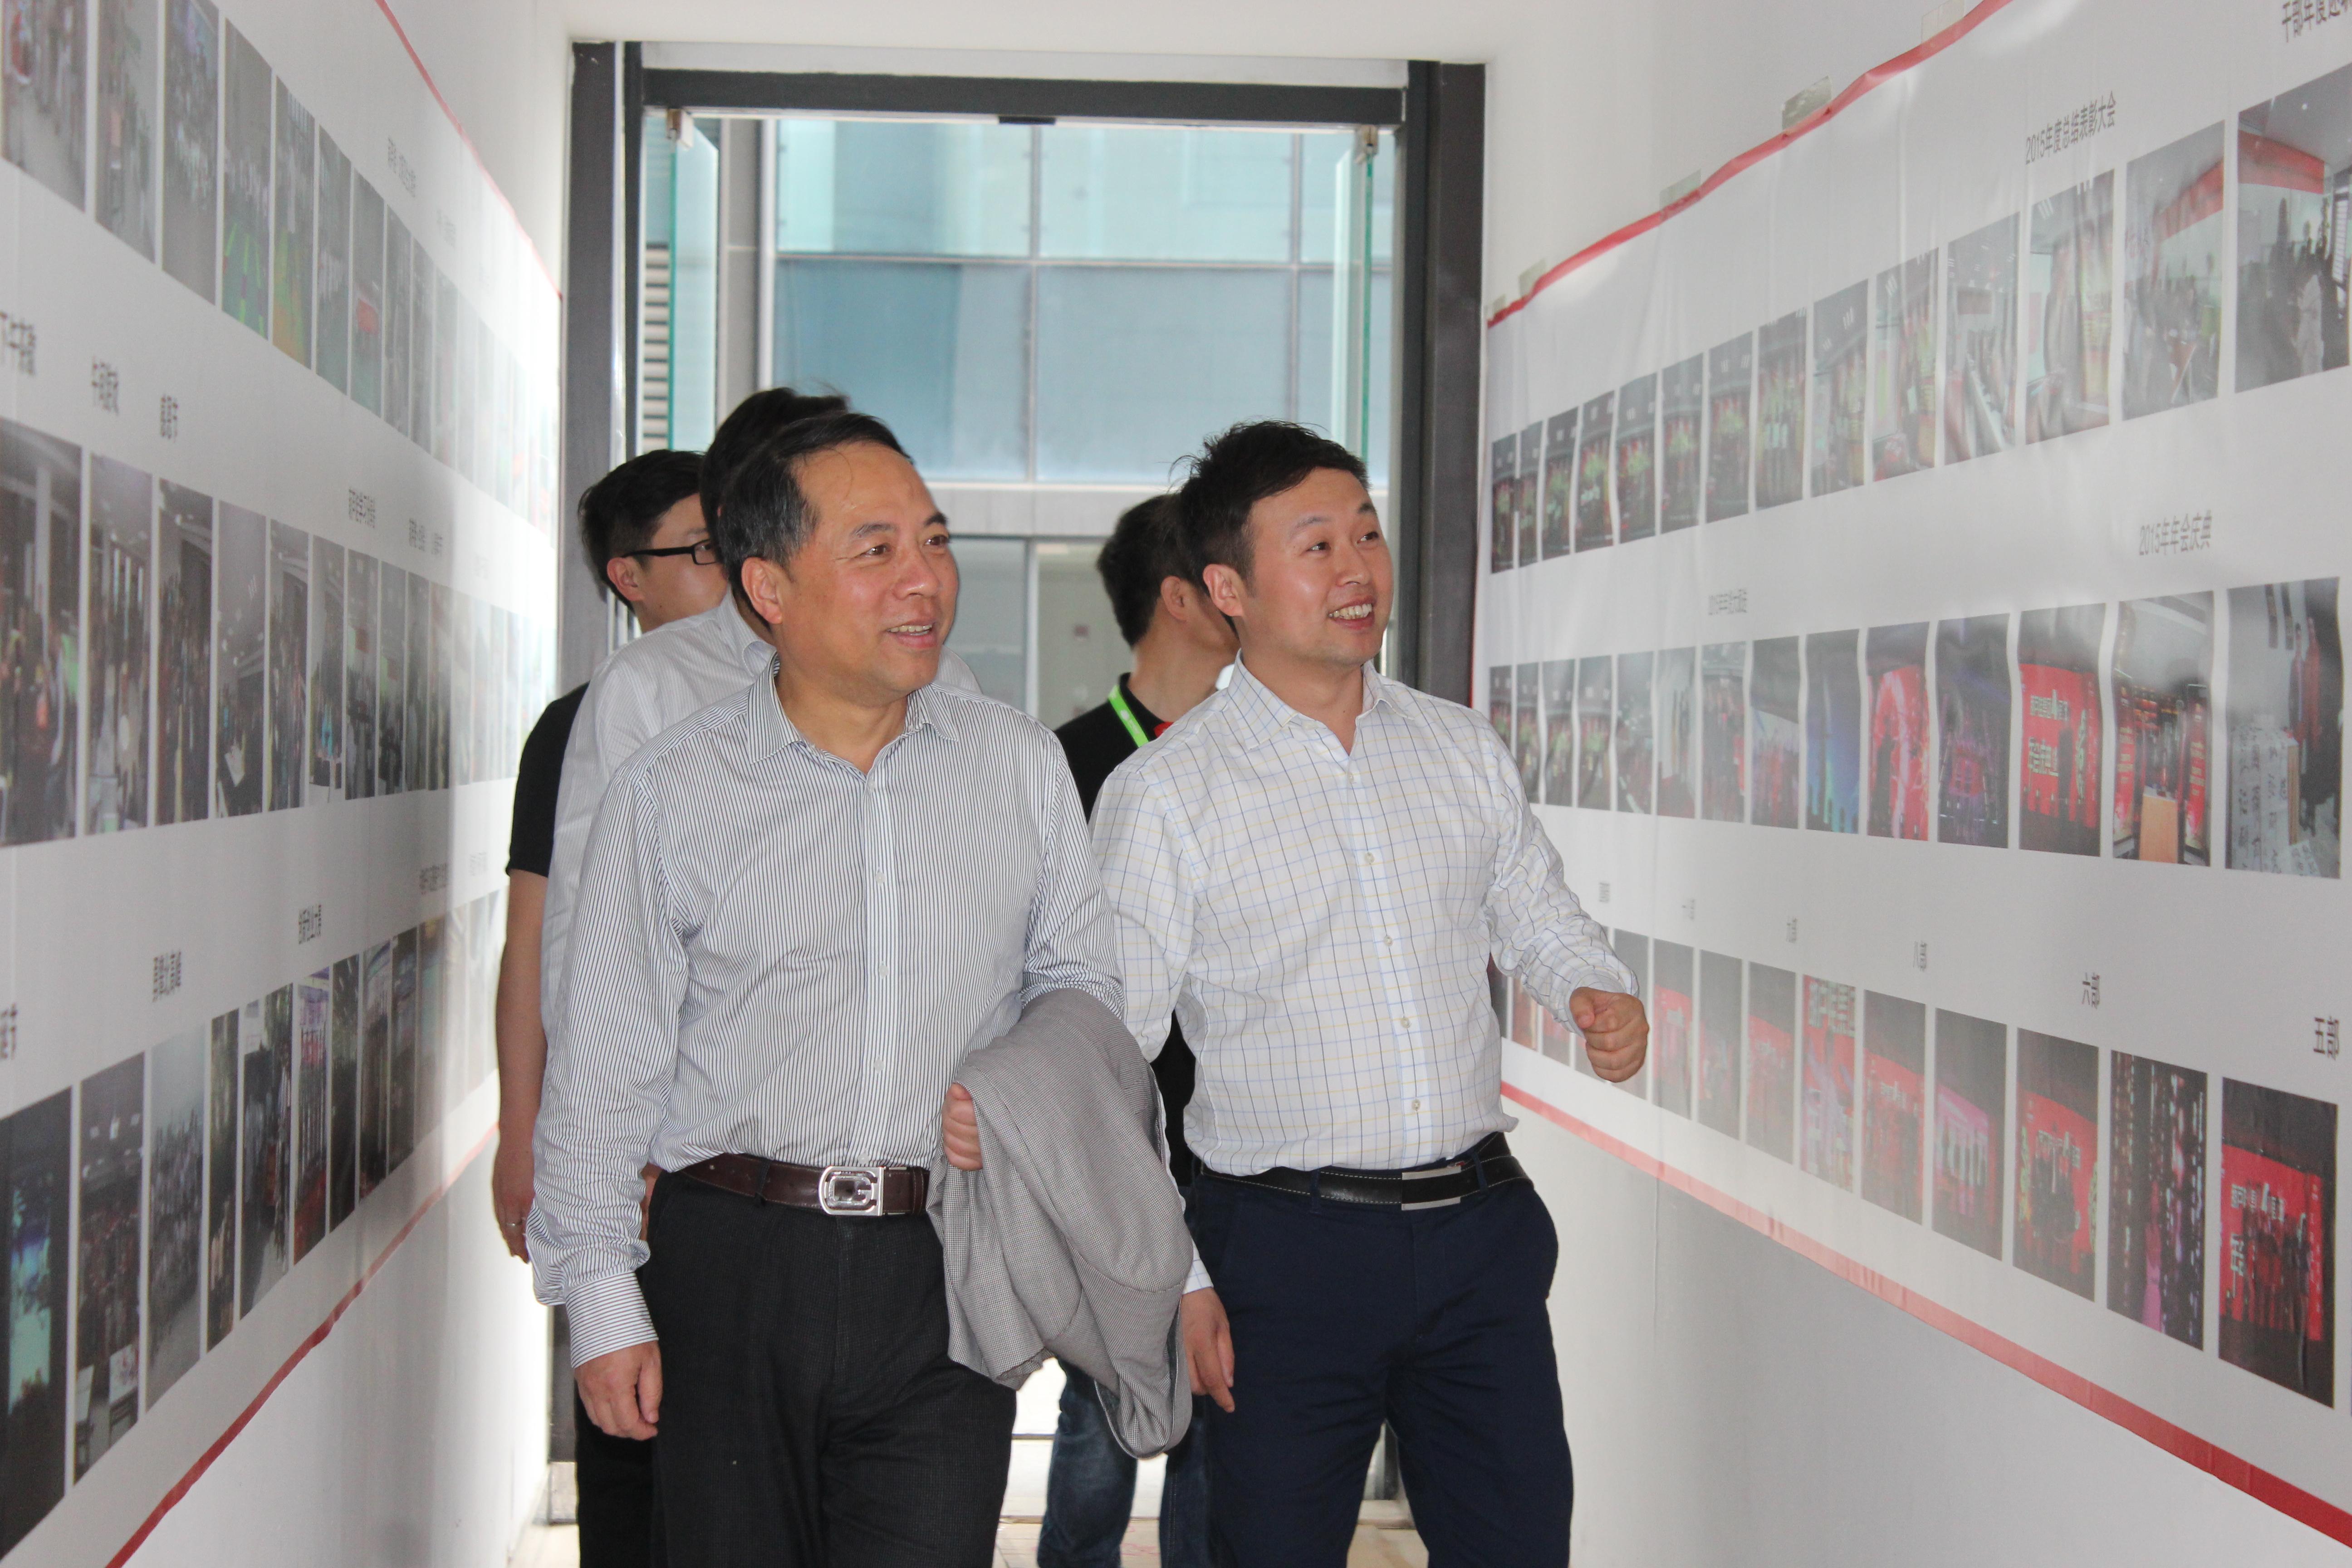 甘筱青教授獨家授課《中國文化與企業領軍人才的培養》